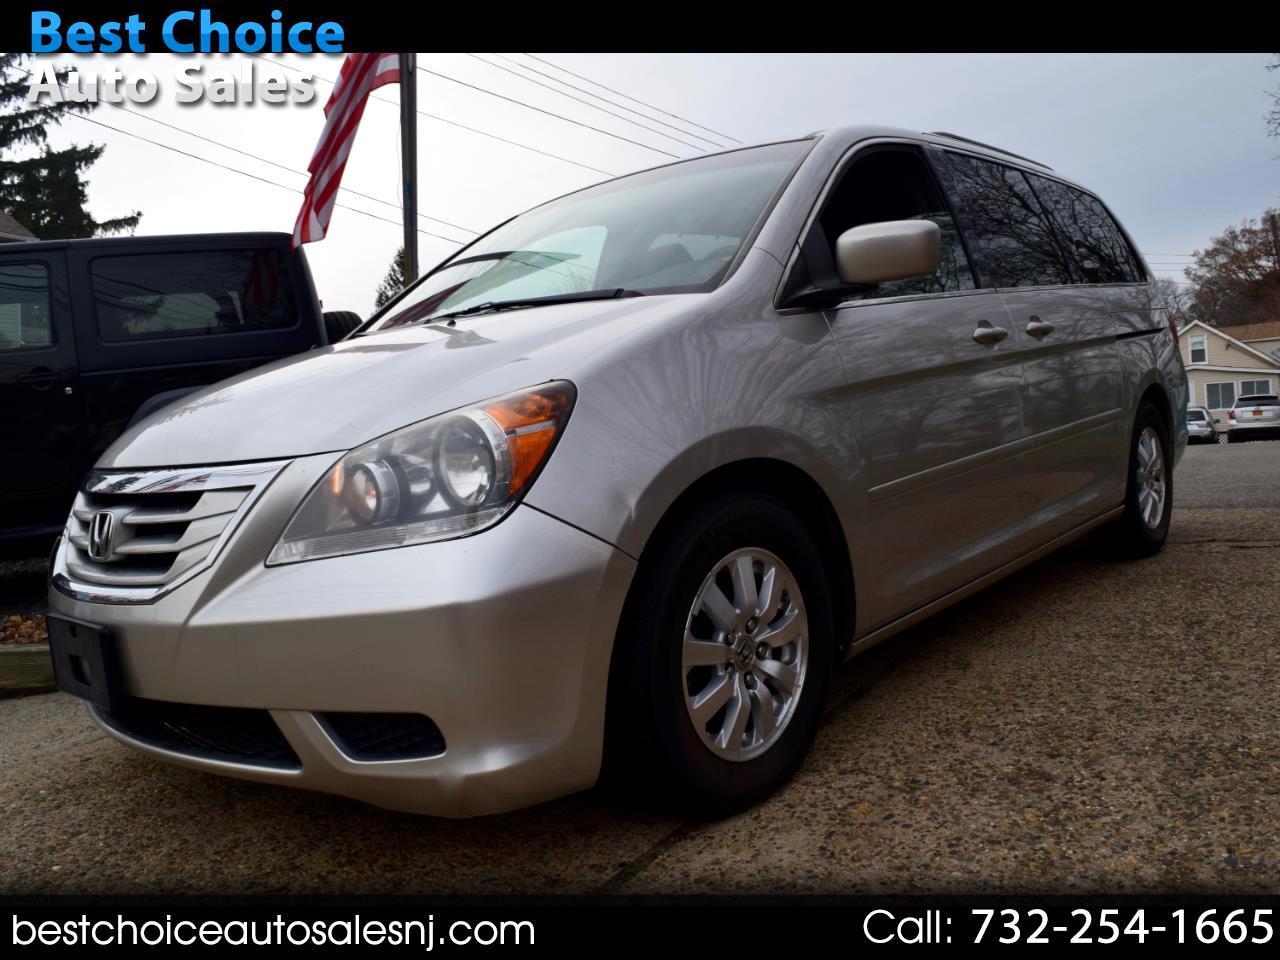 2009 Honda Odyssey 5dr EX